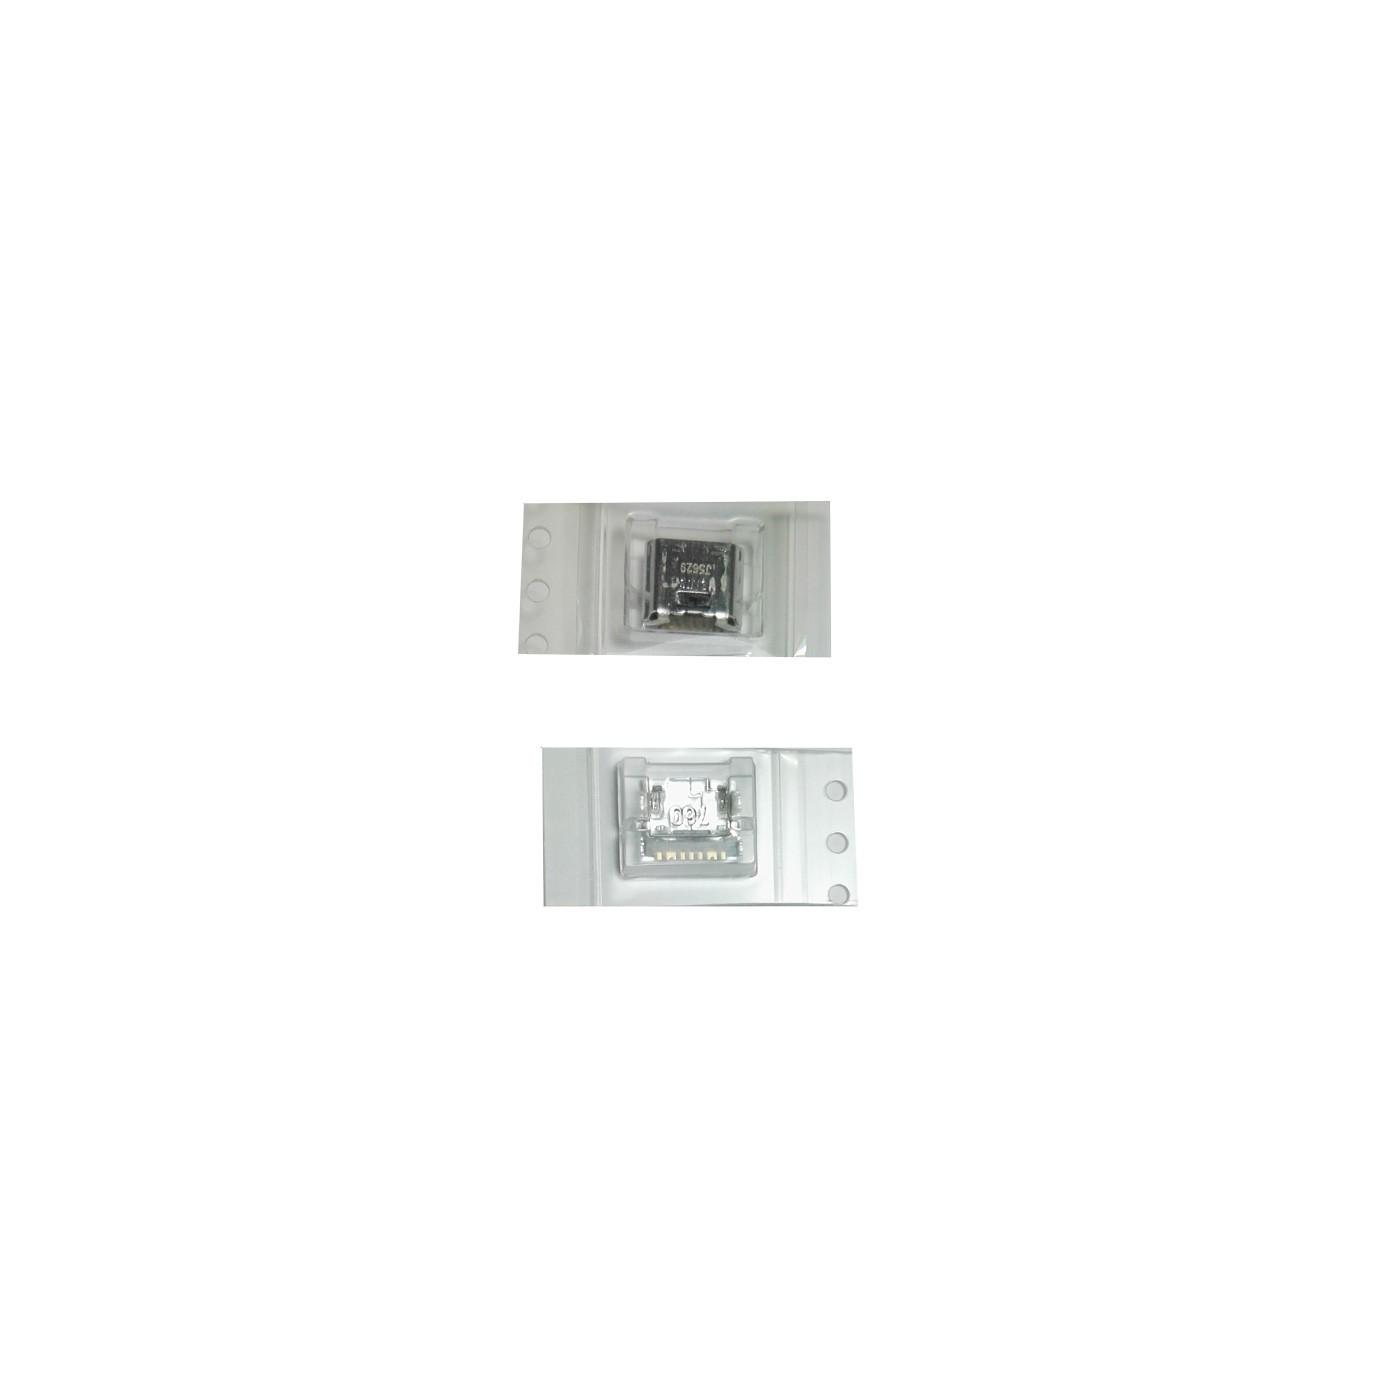 Connettore ricarica micro usb porta dati carica per Samsung Galaxy Tab 3 T110